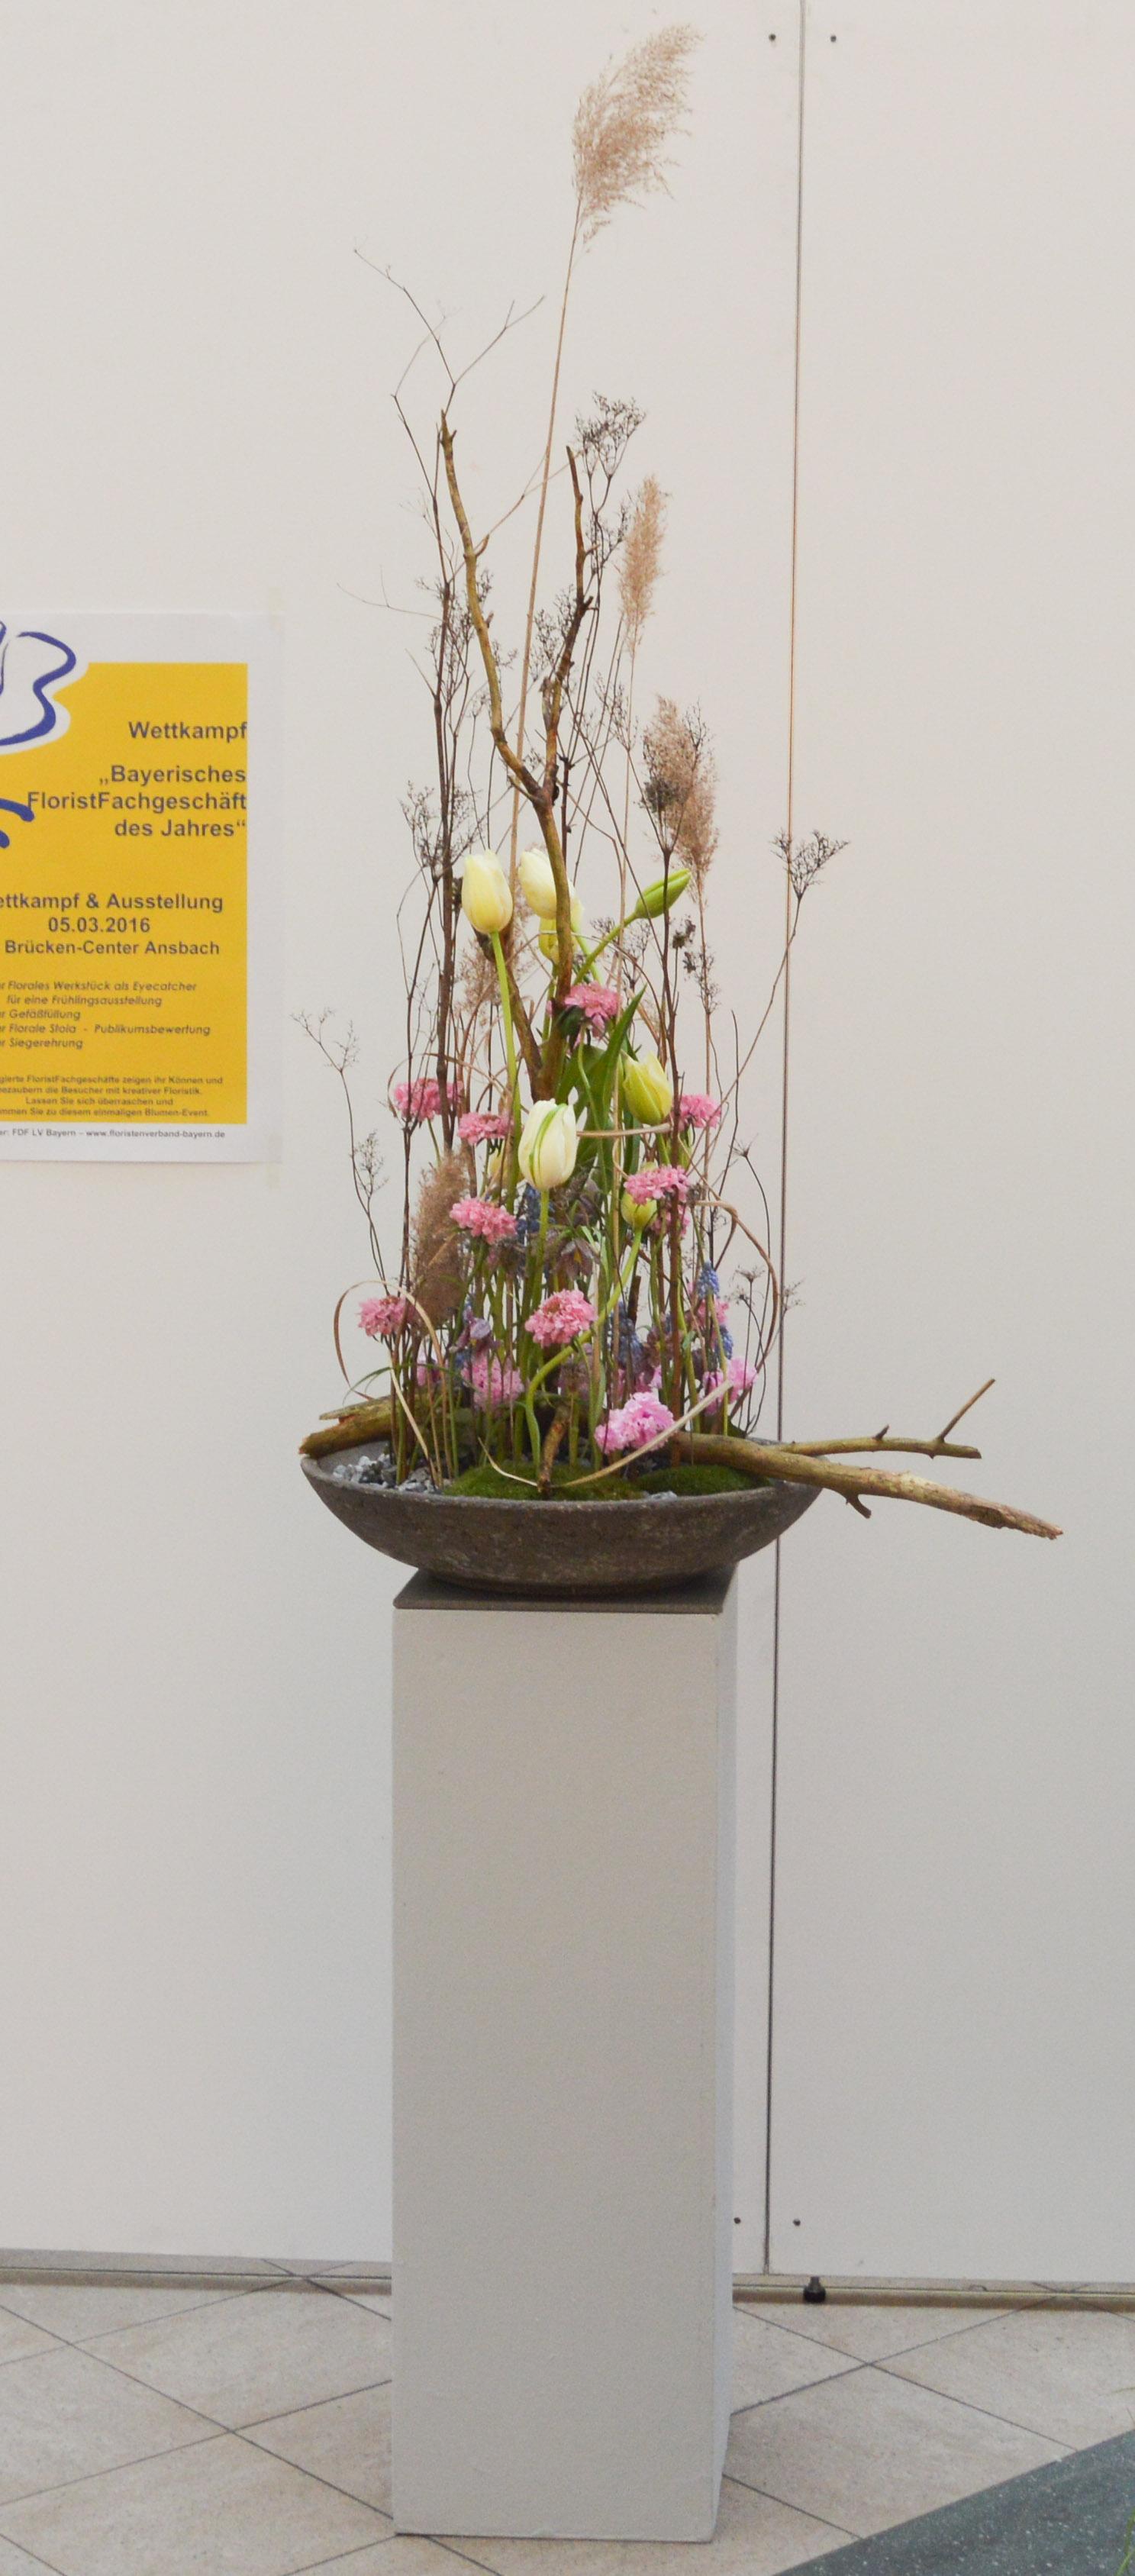 Florist_Geschäft_des_Jahres16-36